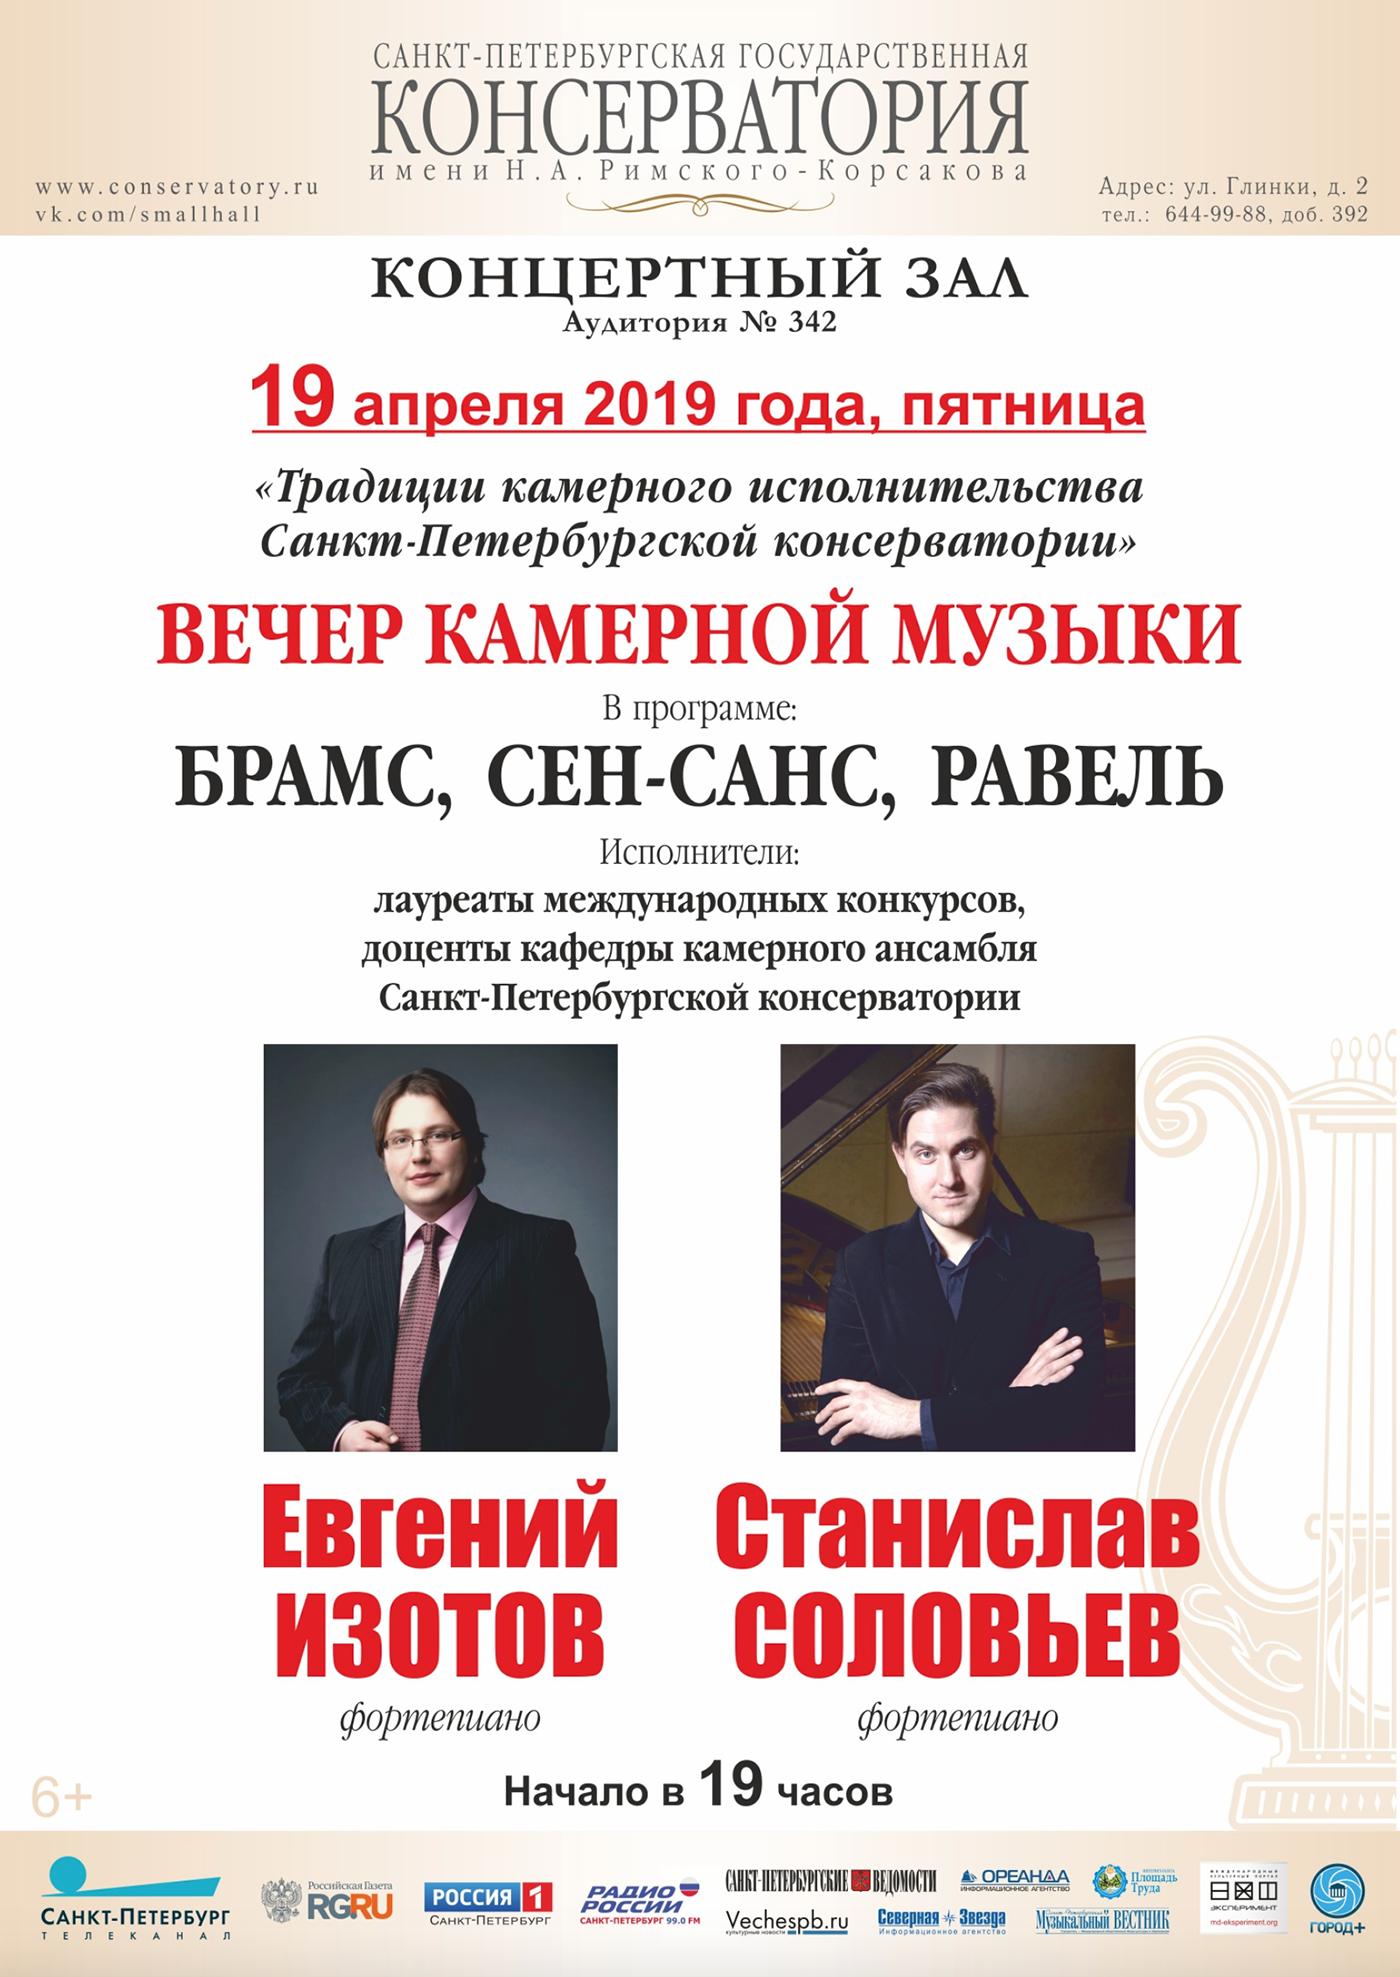 Нам повезло попасть на концерт двух именитых пианистов: Евгения Изотова и Станислава Соловьева. На сцене стояло два фортепиано и музыканты играли дуэтом